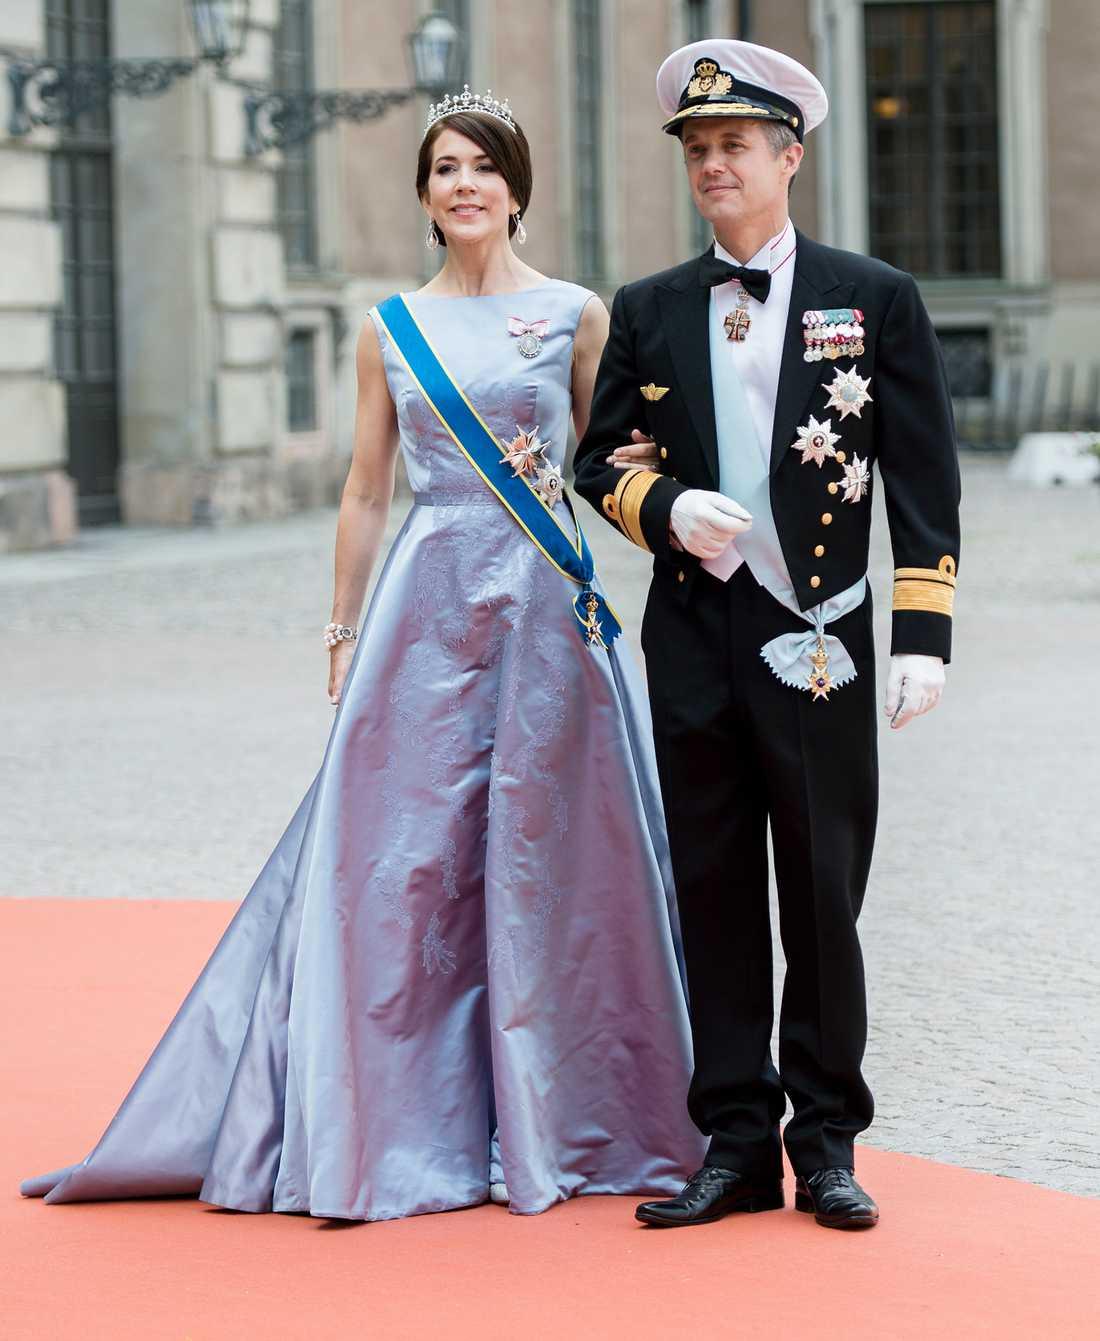 Danmarks kronprins Fredrik blir fadder. Här med hustrun Mary.